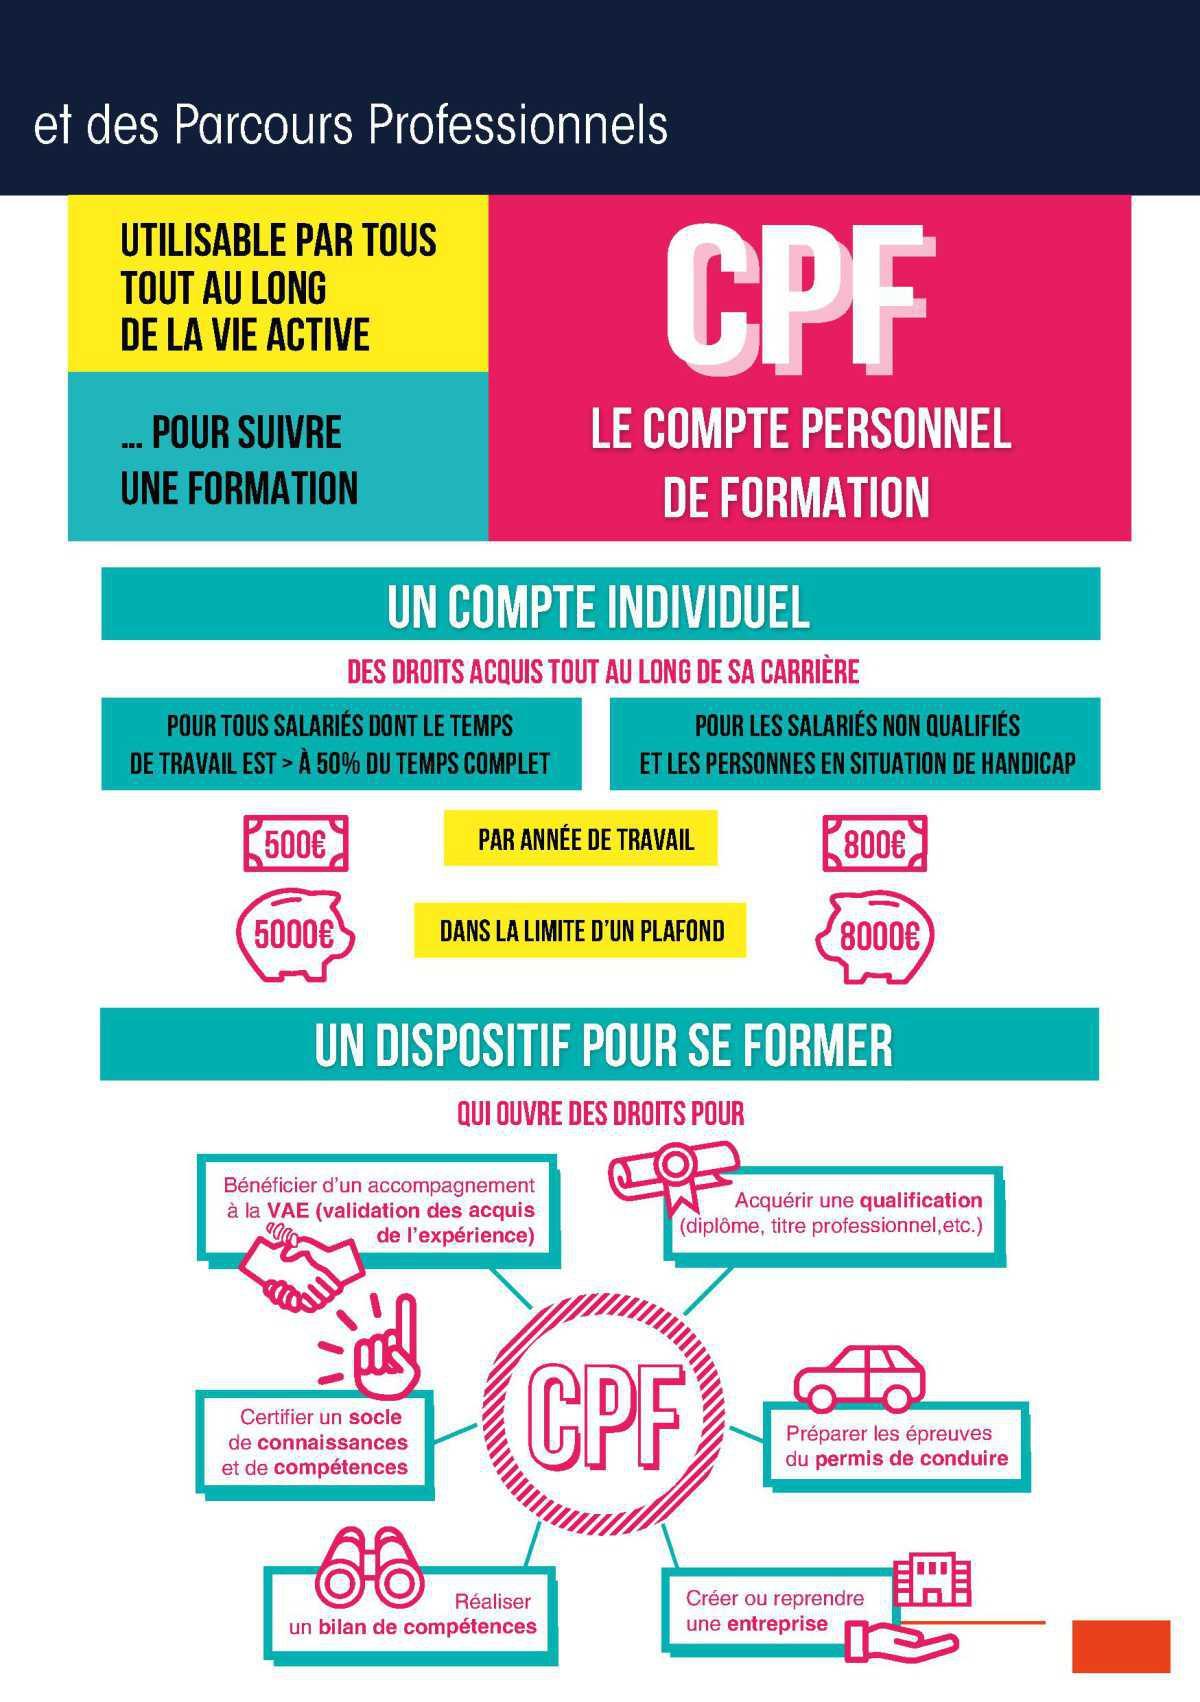 Le CPF: des réponses à vos questions